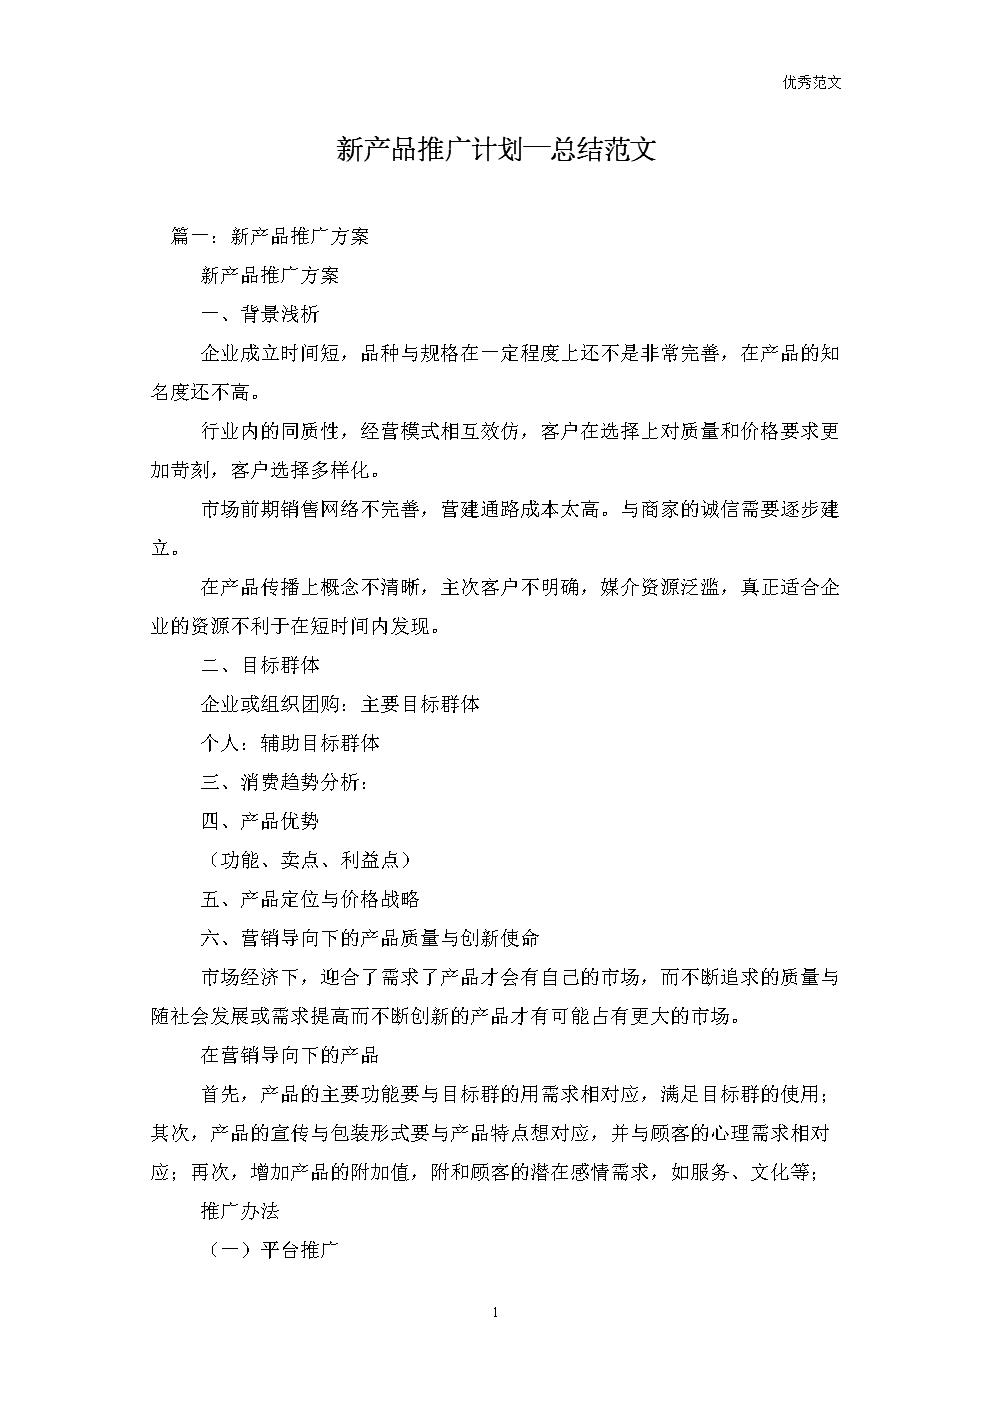 新产品推广计划—总结范文.doc